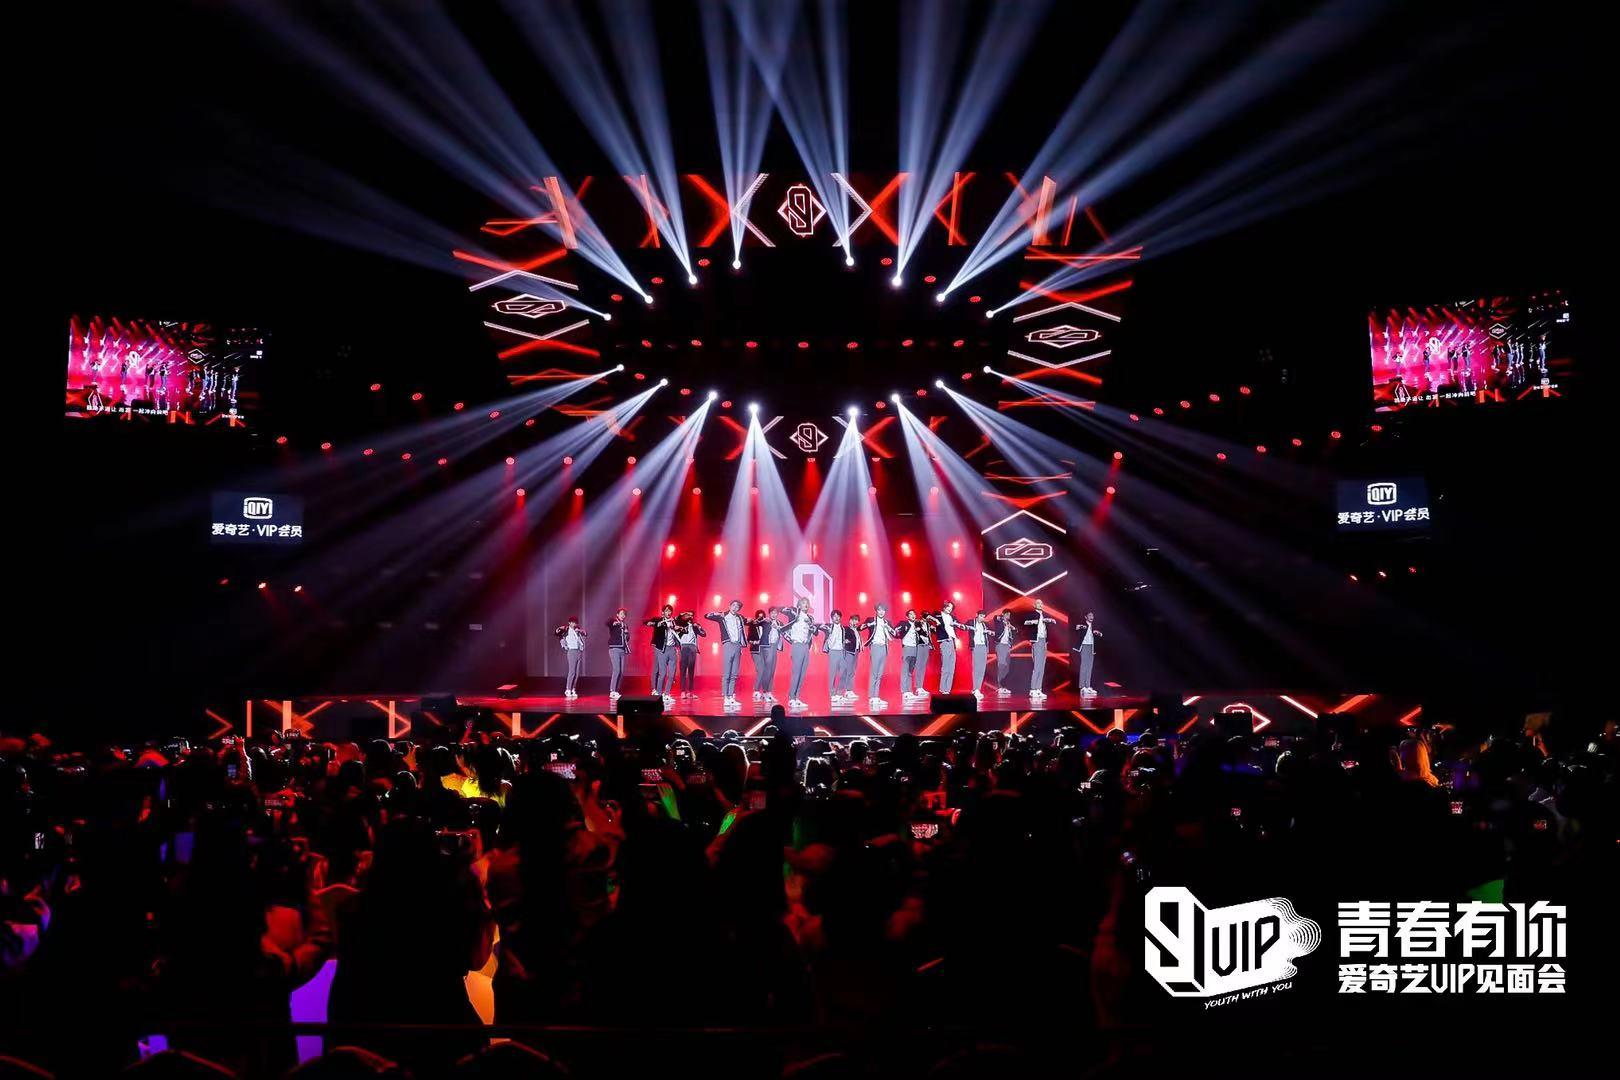 爱奇艺VIP会员权益再升级!线上、线下与《青春有你3》训练生见面互动收获尖叫体验